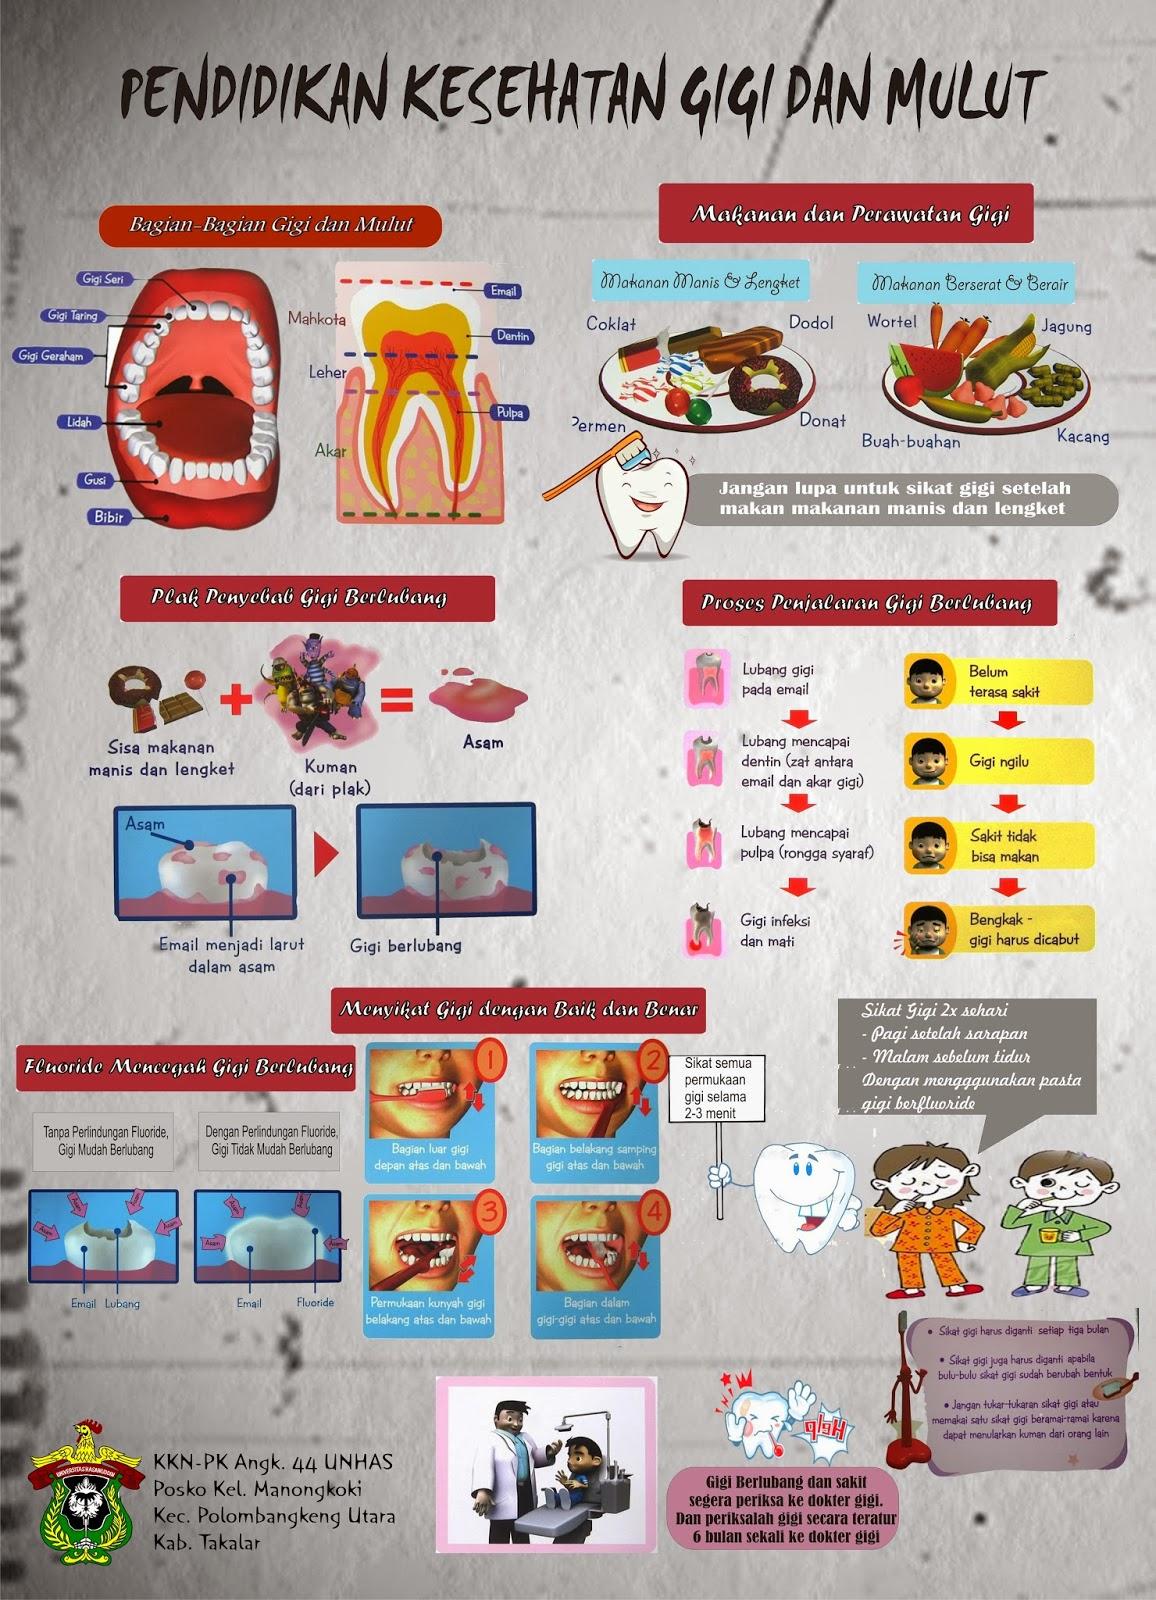 Hidup Sehat Poster Kesehatan Gigi Dan Mulut